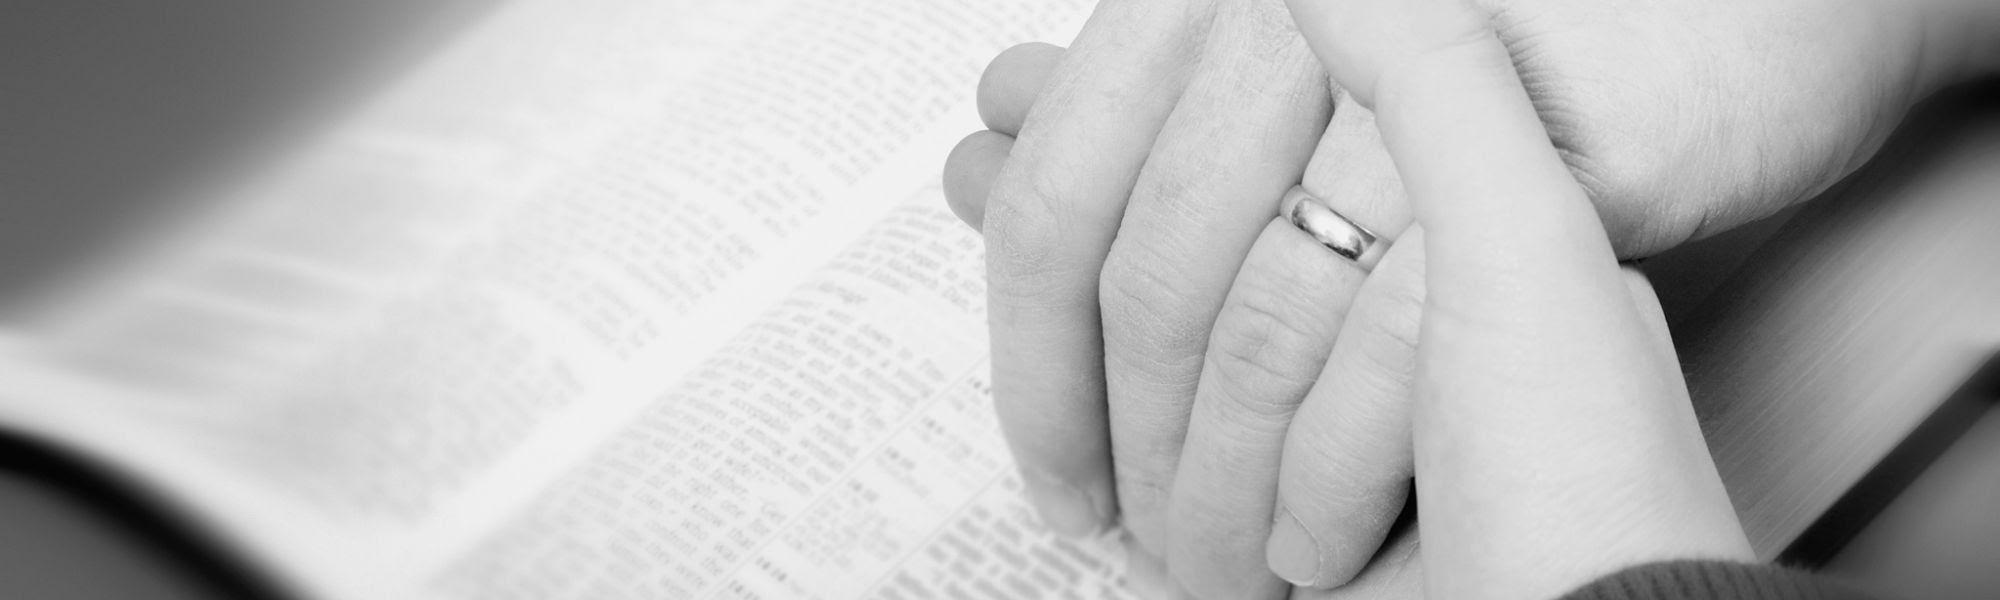 Bendiciones Biblicas Para Los Esposos Blog Bible